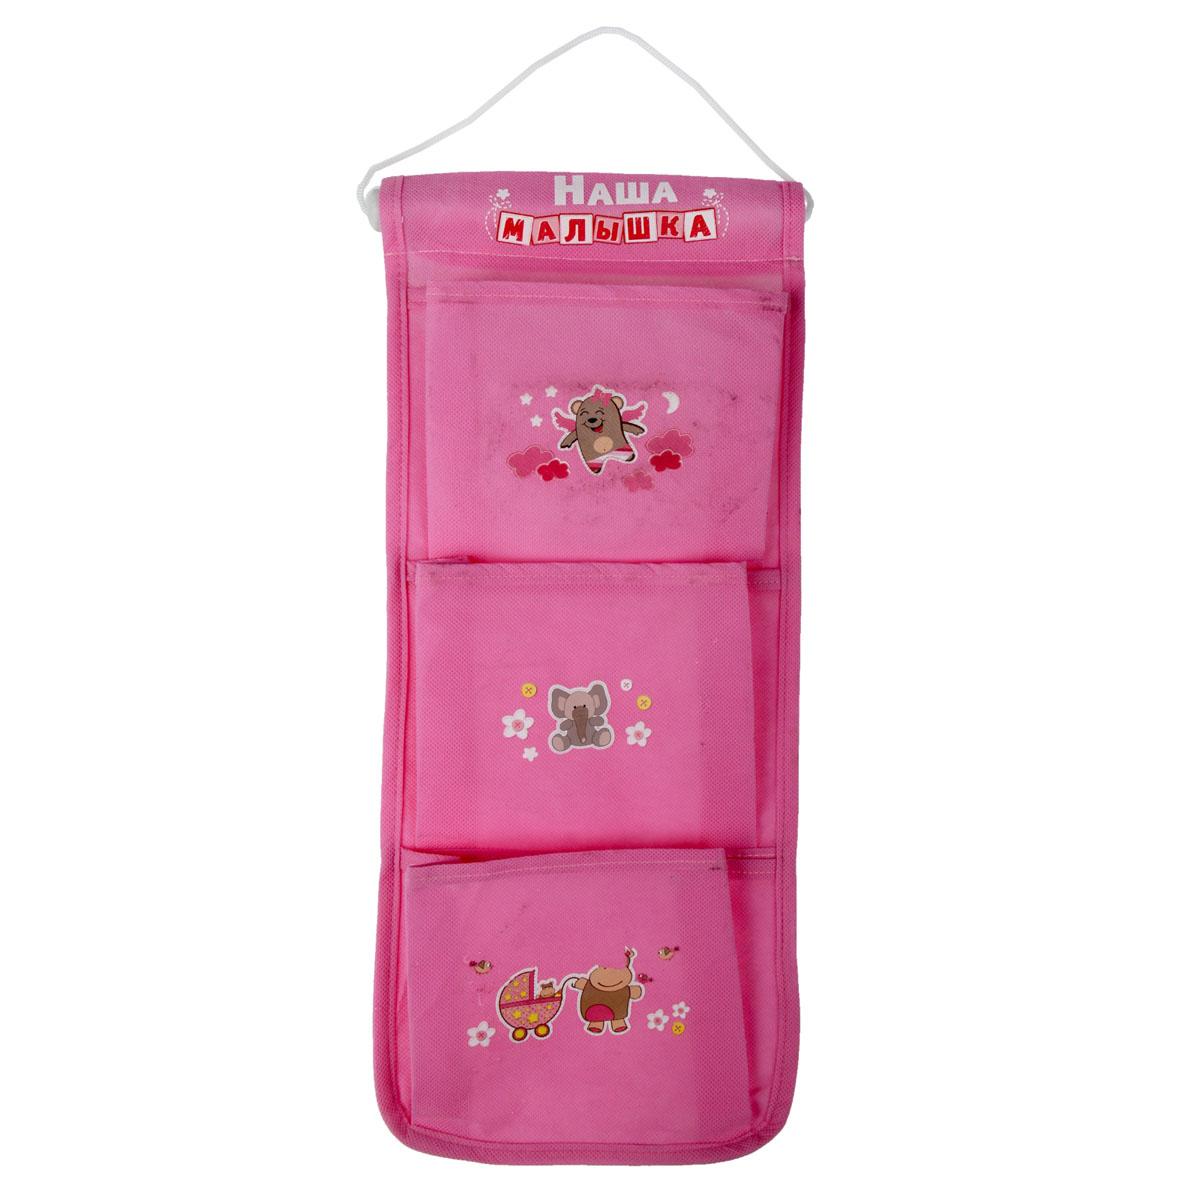 Кармашки на стену Sima-land Наша малышка, цвет: розовый, белый, красный, 3 штUP210DFКармашки на стену Sima-land «Наша малышка», изготовленные из текстиля и пластика, предназначены для хранения необходимых вещей, множества мелочей в гардеробной, ванной, детской комнатах. Изделие представляет собой текстильное полотно с тремя пришитыми кармашками. Благодаря пластмассовой планке и шнурку, кармашки можно подвесить на стену или дверь в необходимом для вас месте. Кармашки декорированы изображениями забавных зверюшек и надписью «Наша малышка».Этот нужный предмет может стать одновременно и декоративным элементом комнаты. Яркий дизайн, как ничто иное, способен оживить интерьер вашего дома.